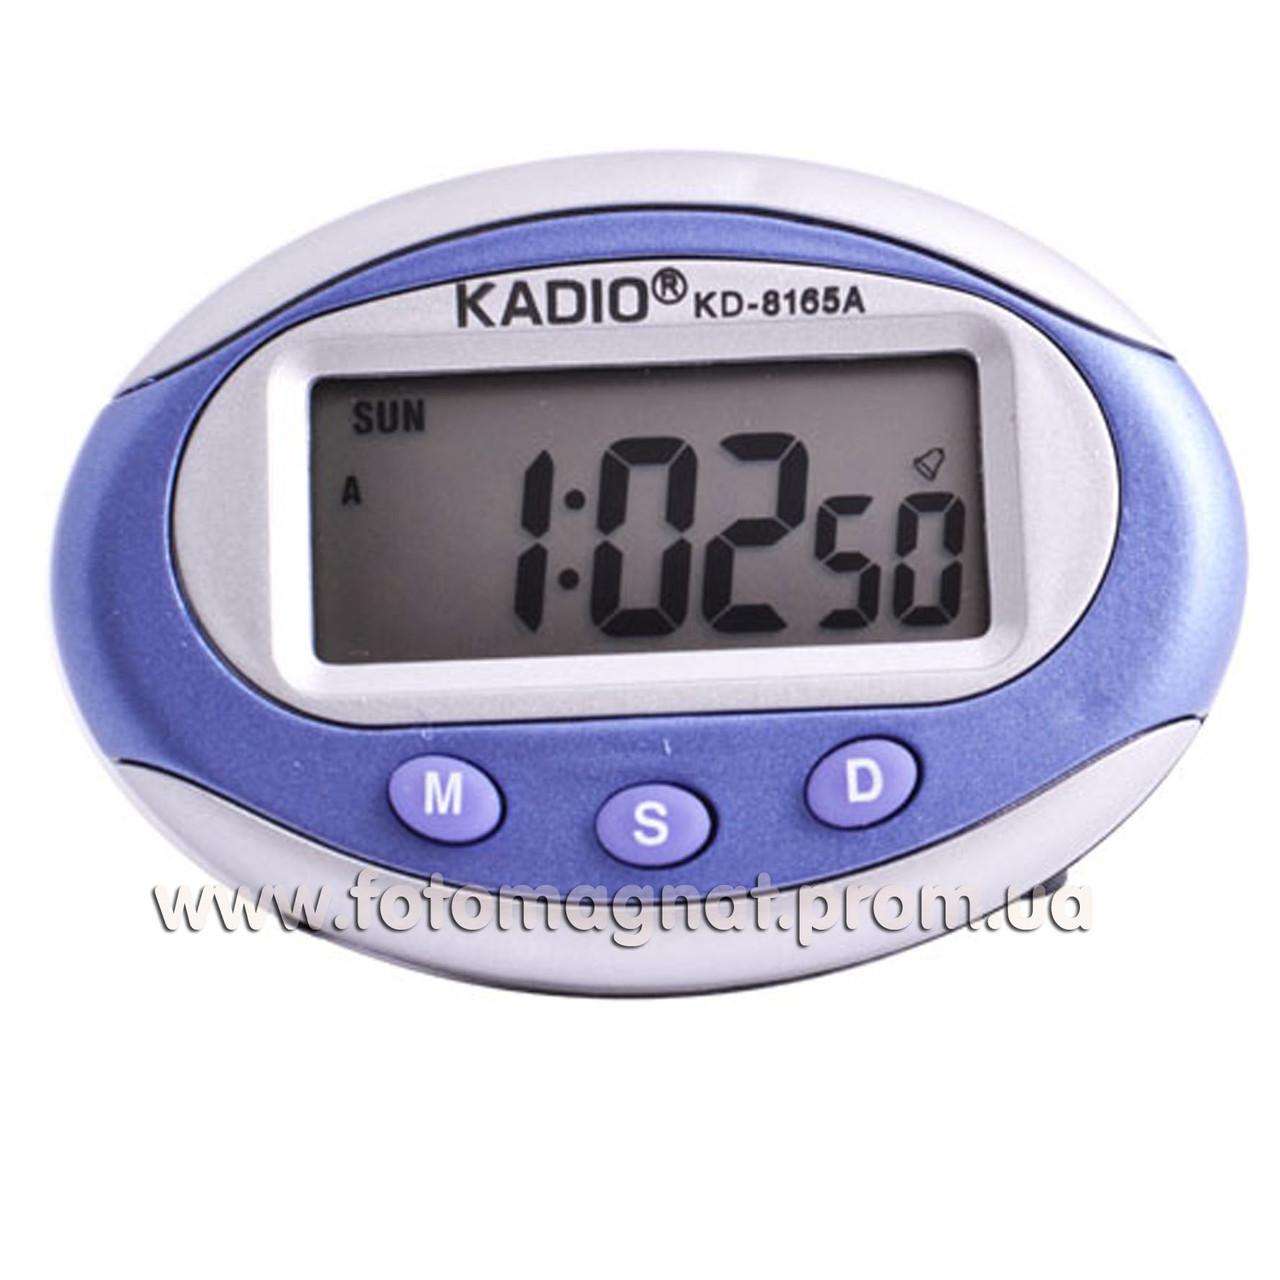 Авточасы 8165A(часы автомобиль)